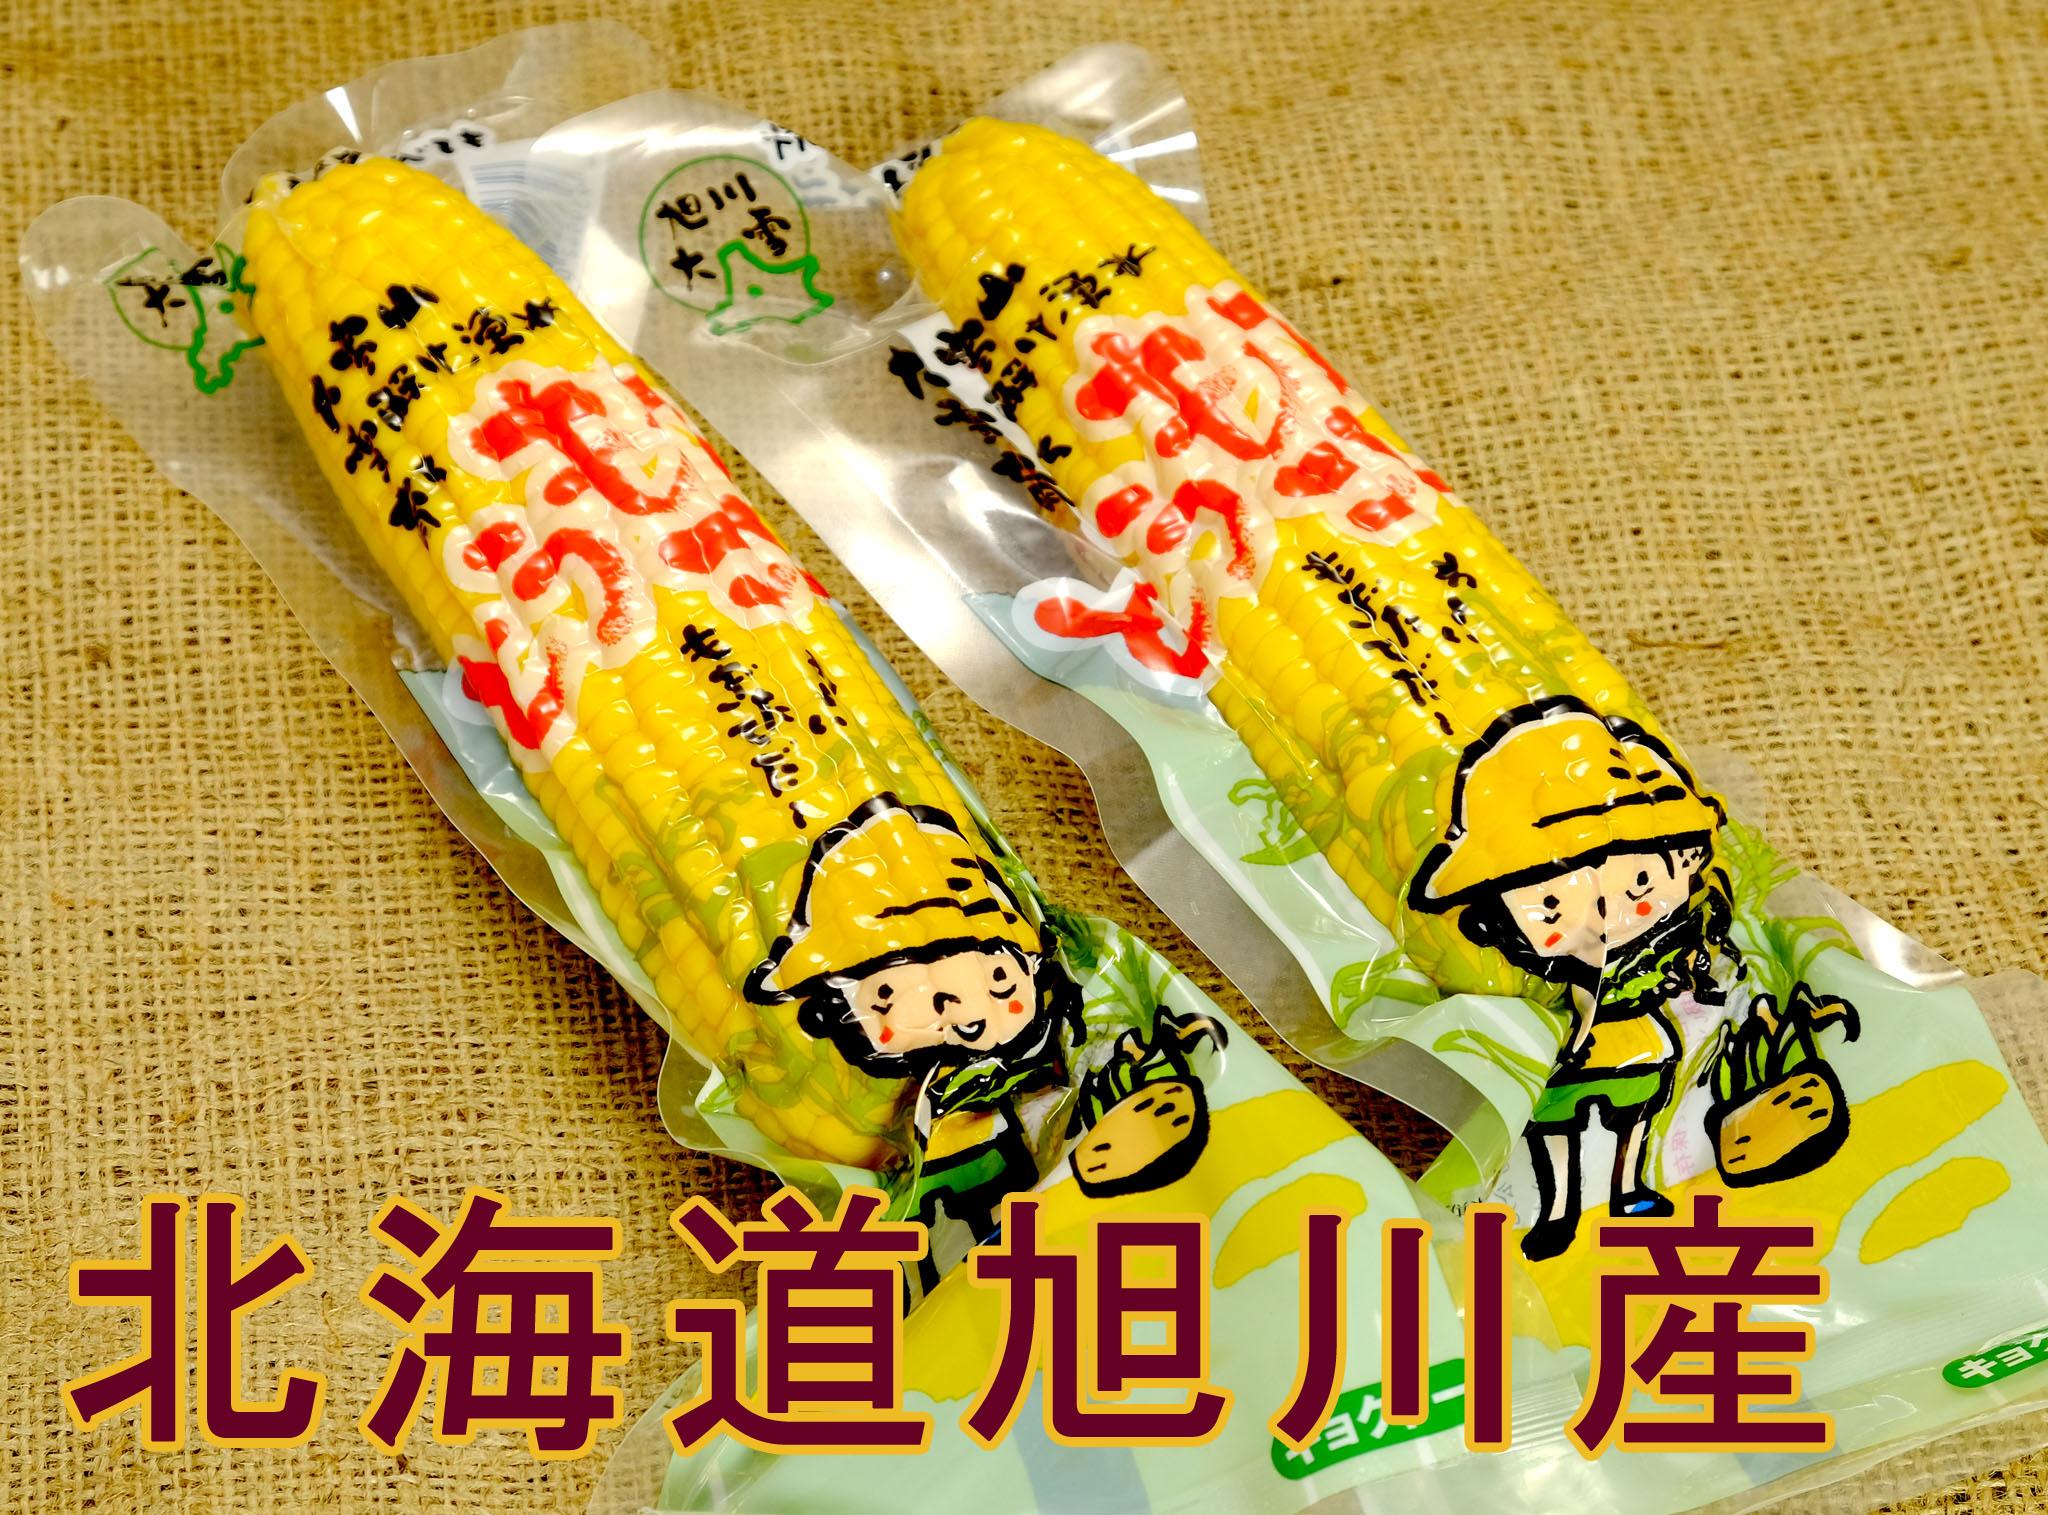 【旬果屋】北海道產 真空即食玉米 10入